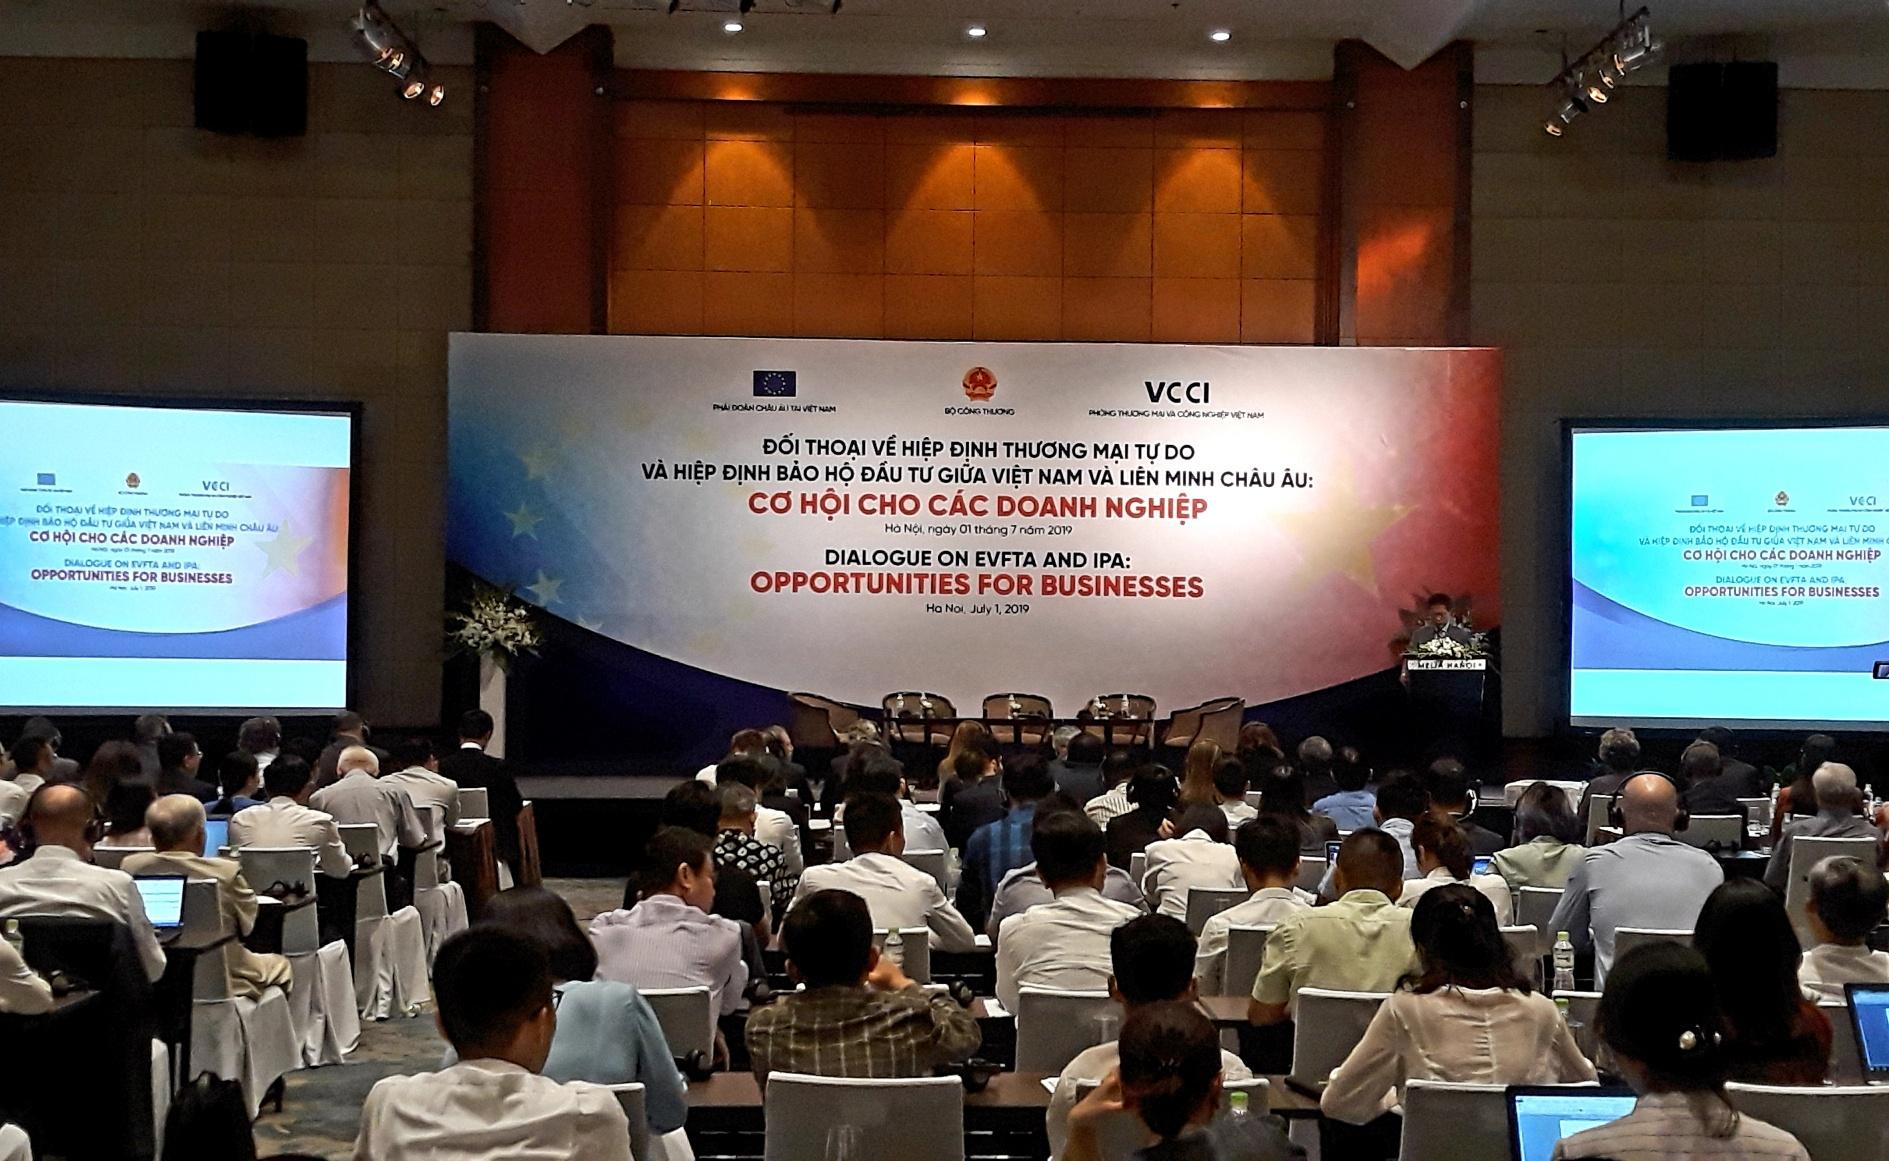 Cơ hội lớn cho cộng đồng doanh nghiệp Việt Nam, EU từ EVFTA và EVIPA